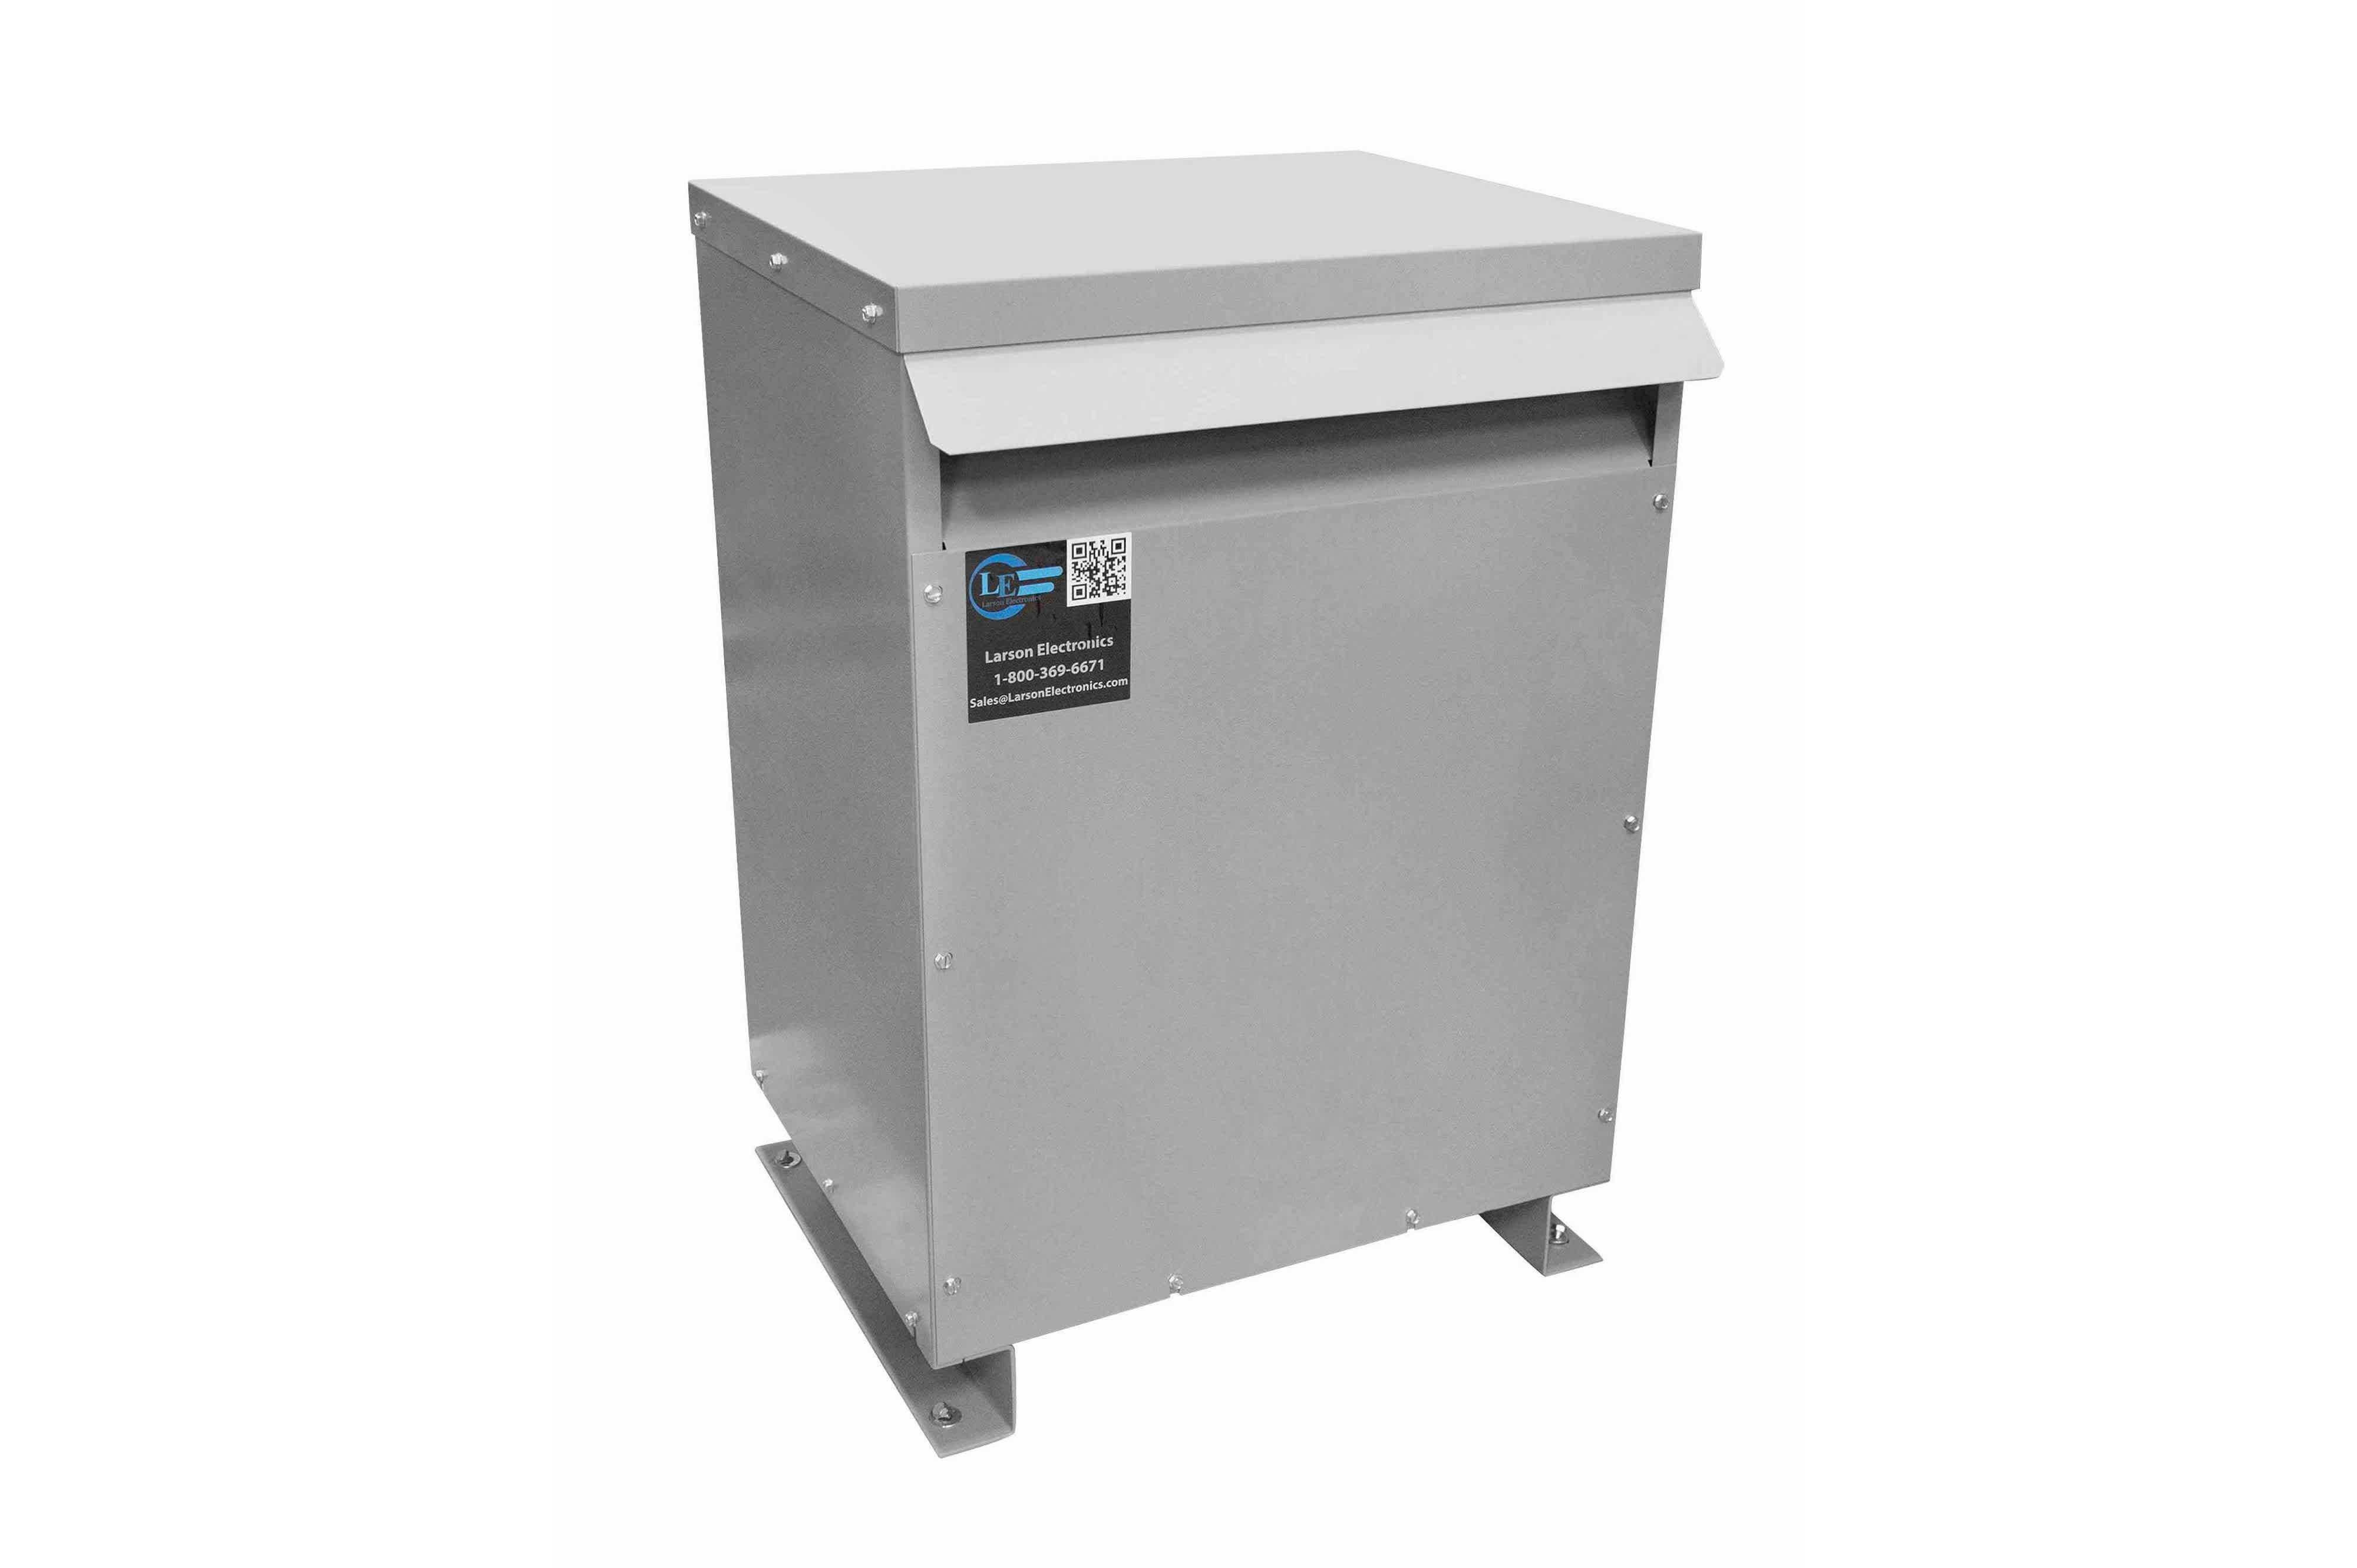 70 kVA 3PH Isolation Transformer, 208V Delta Primary, 480V Delta Secondary, N3R, Ventilated, 60 Hz